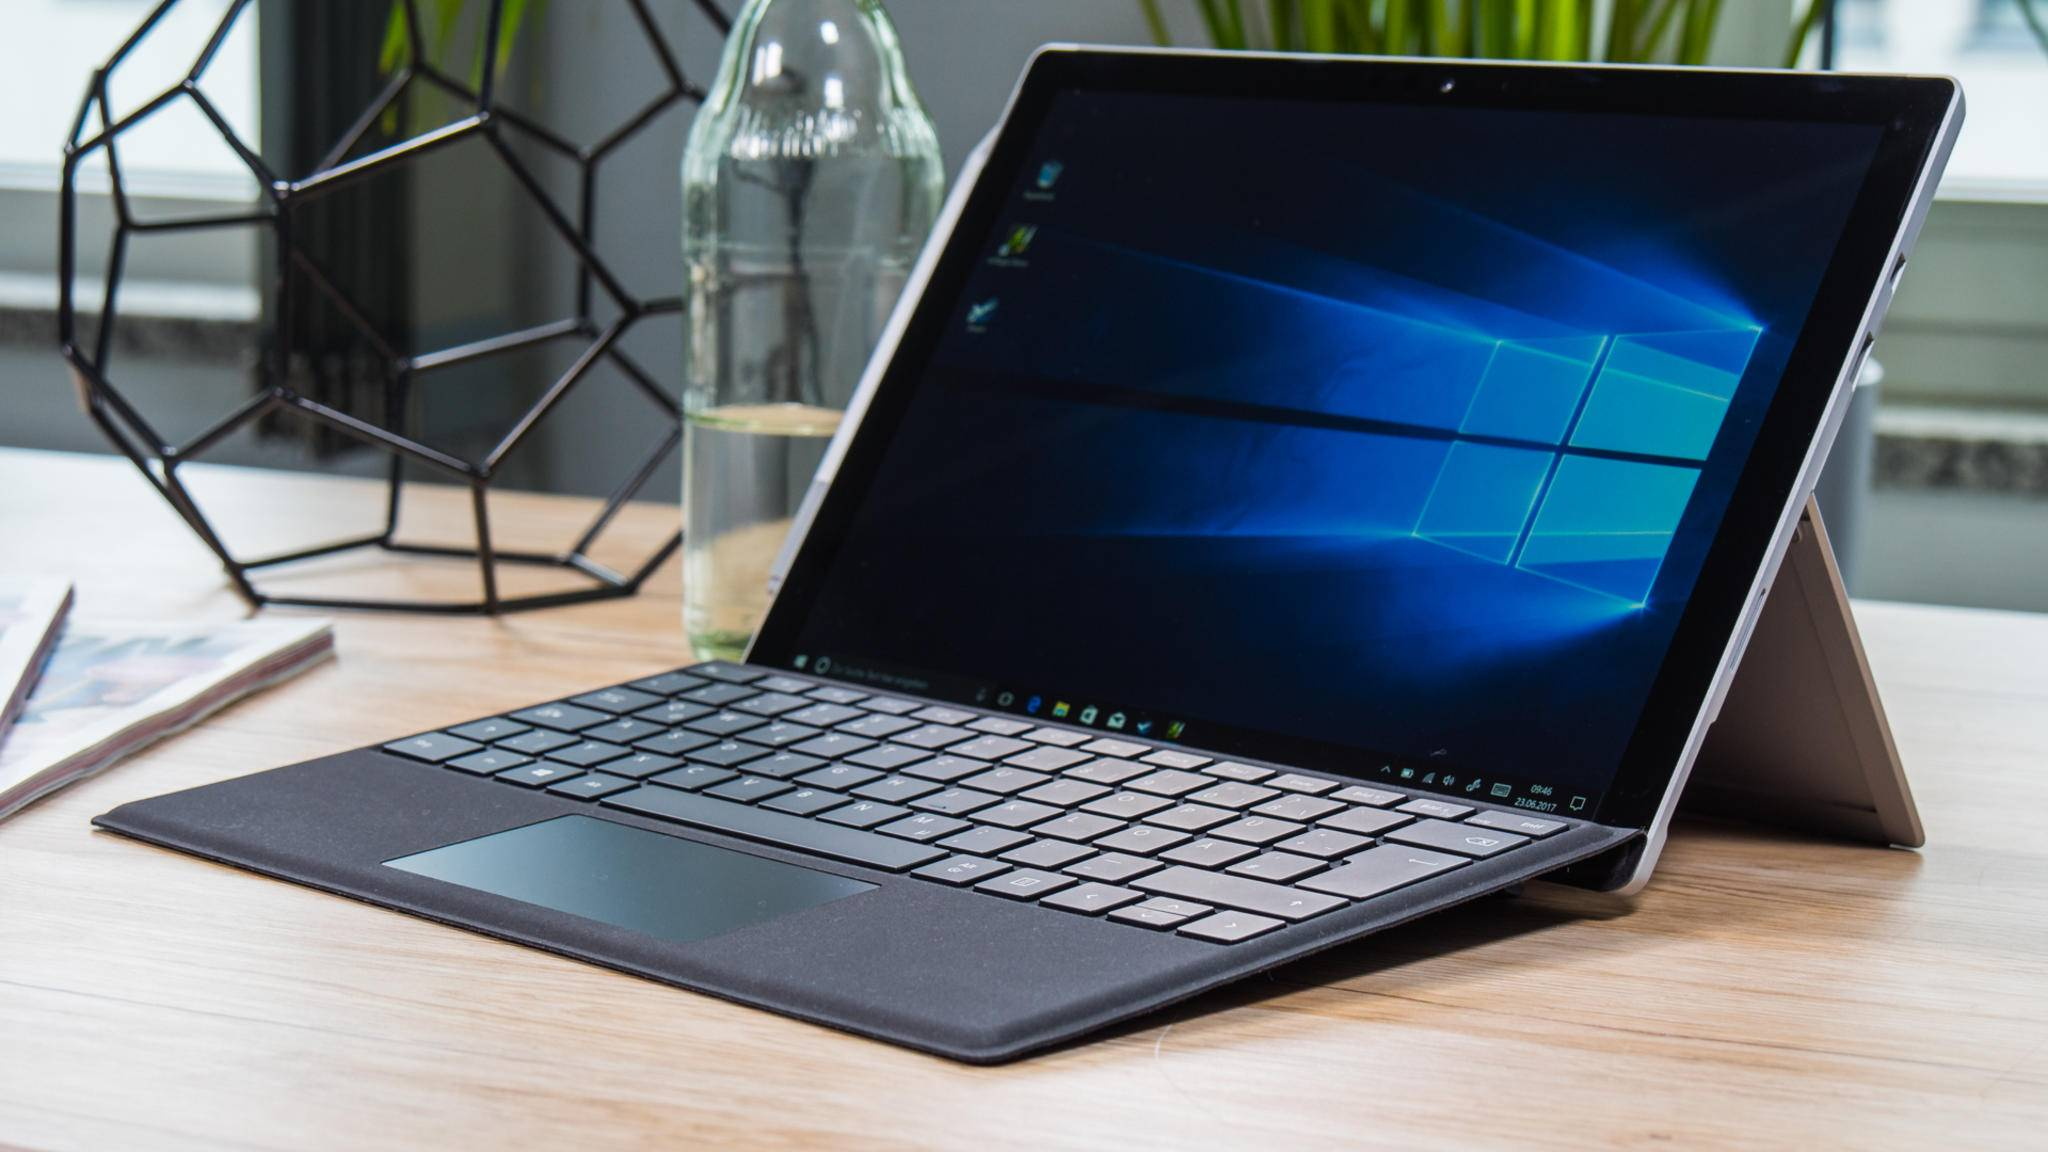 Das Surface Pro (2017) bietet eine höhere Leistung als der Vorgänger.